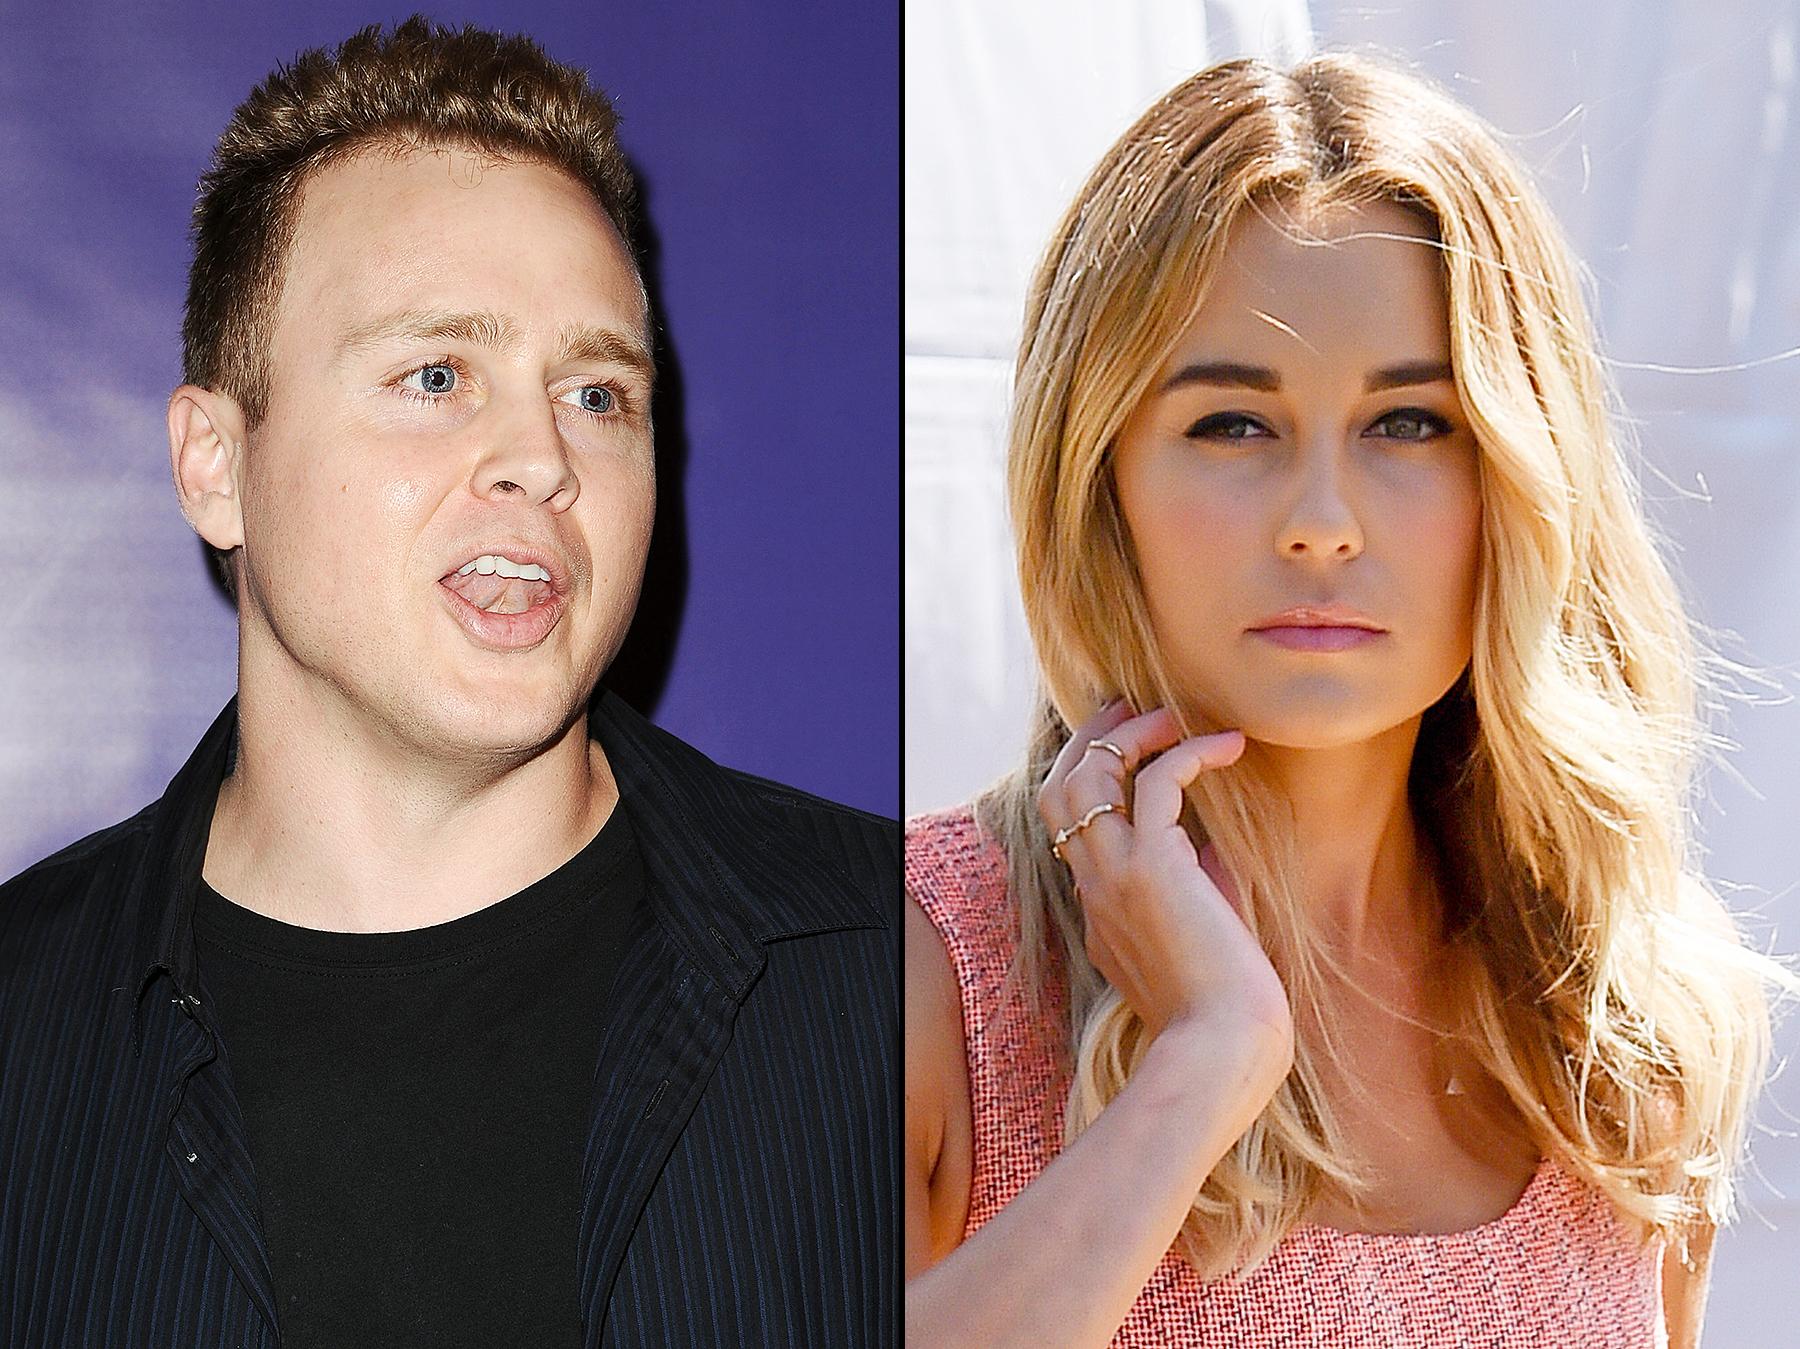 Lauren conrad look alike sex